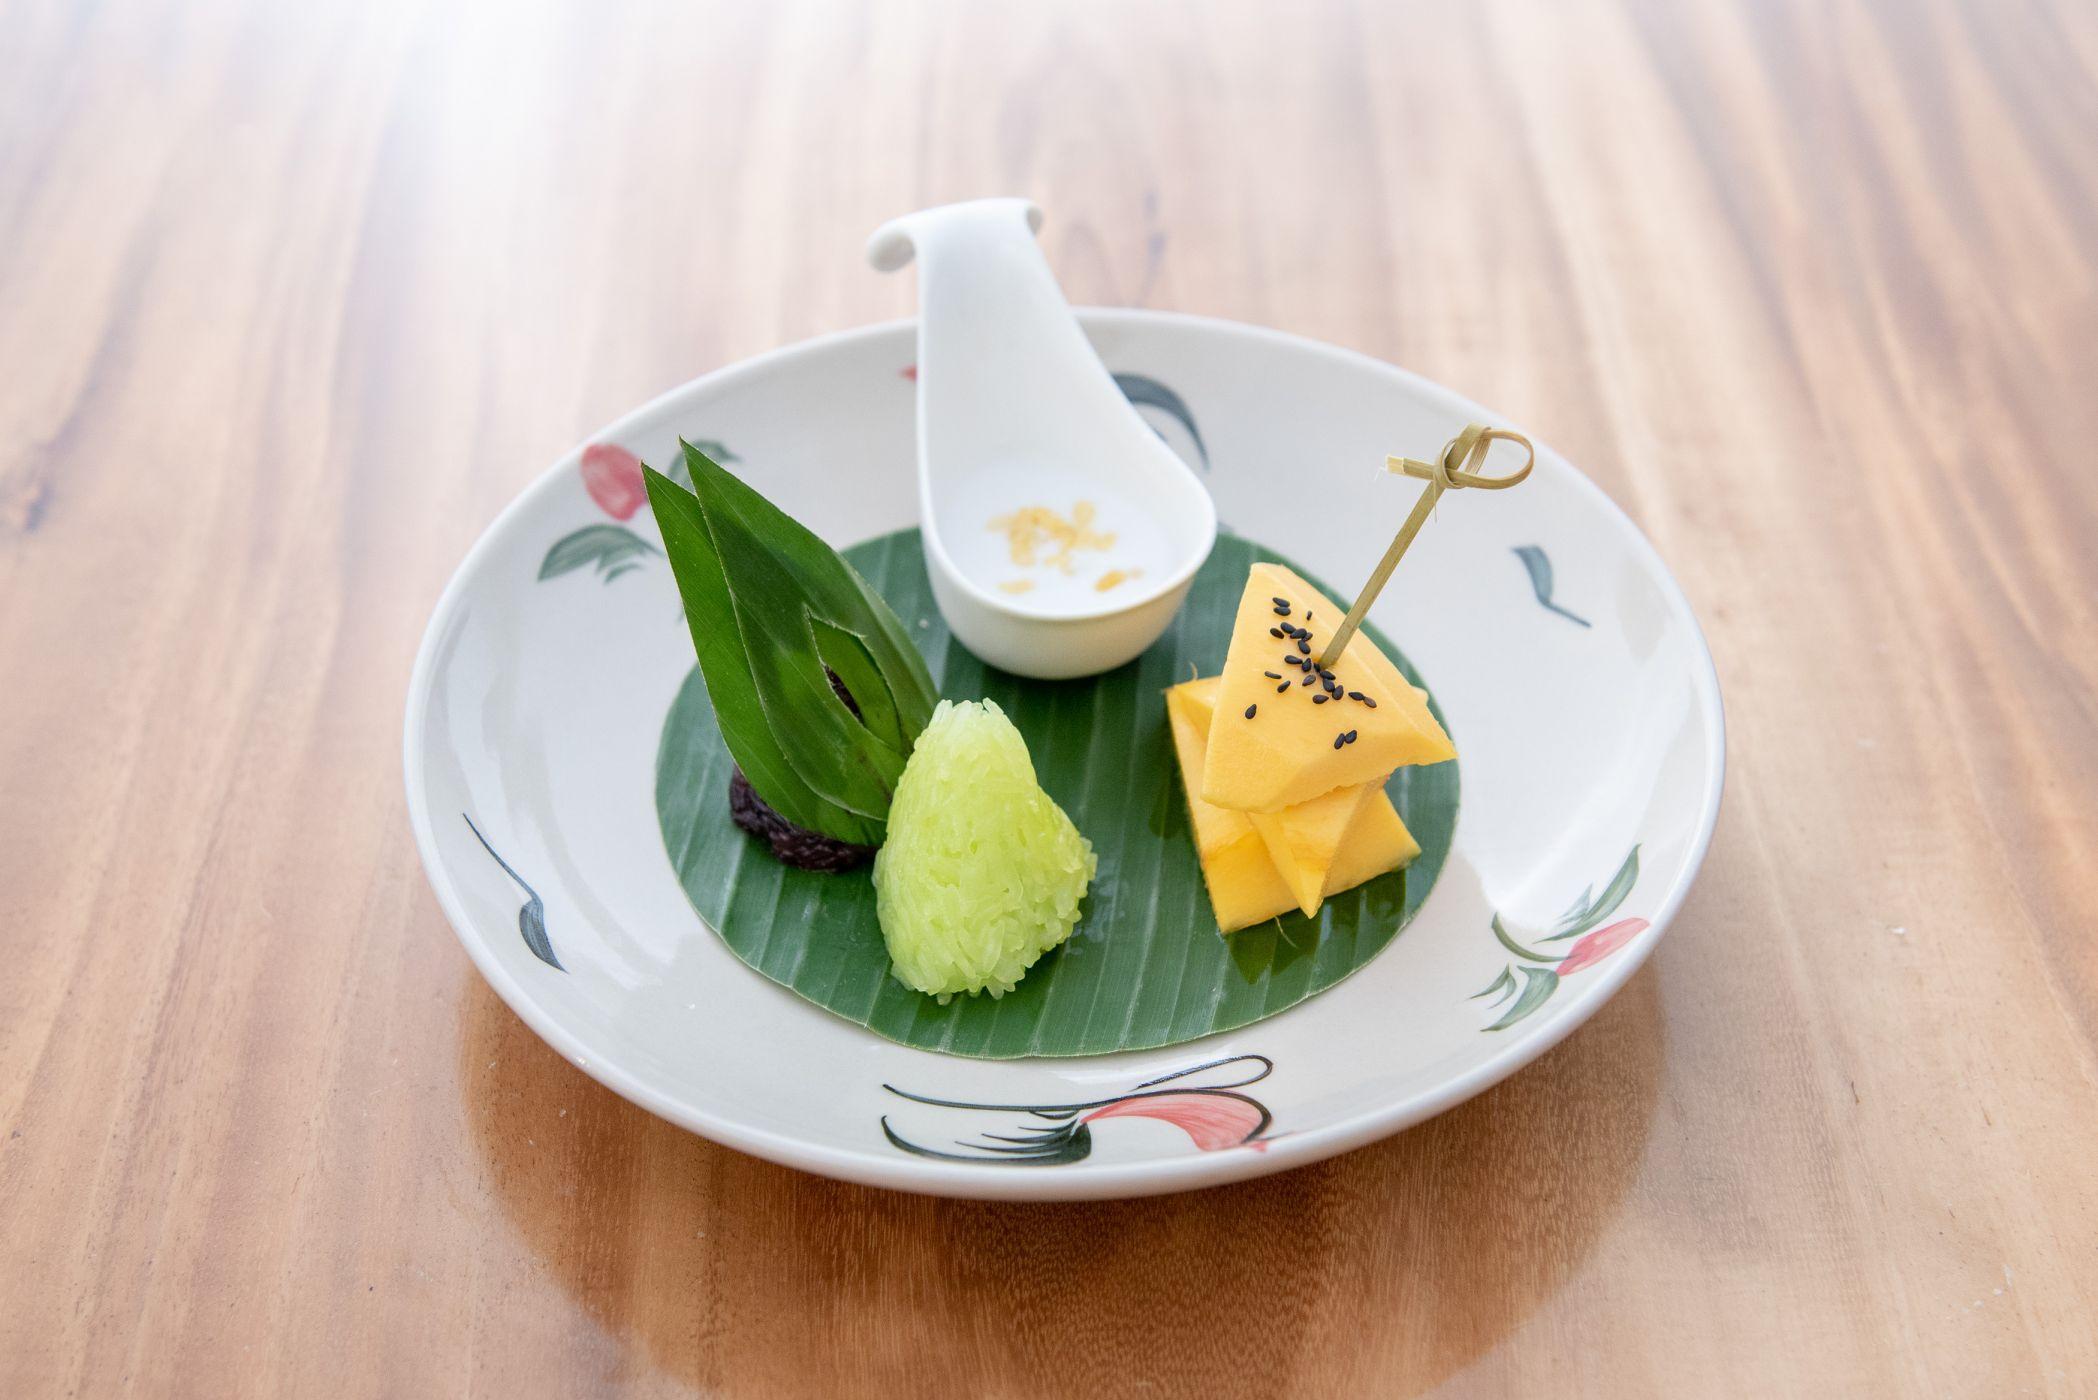 Thai Set Menu